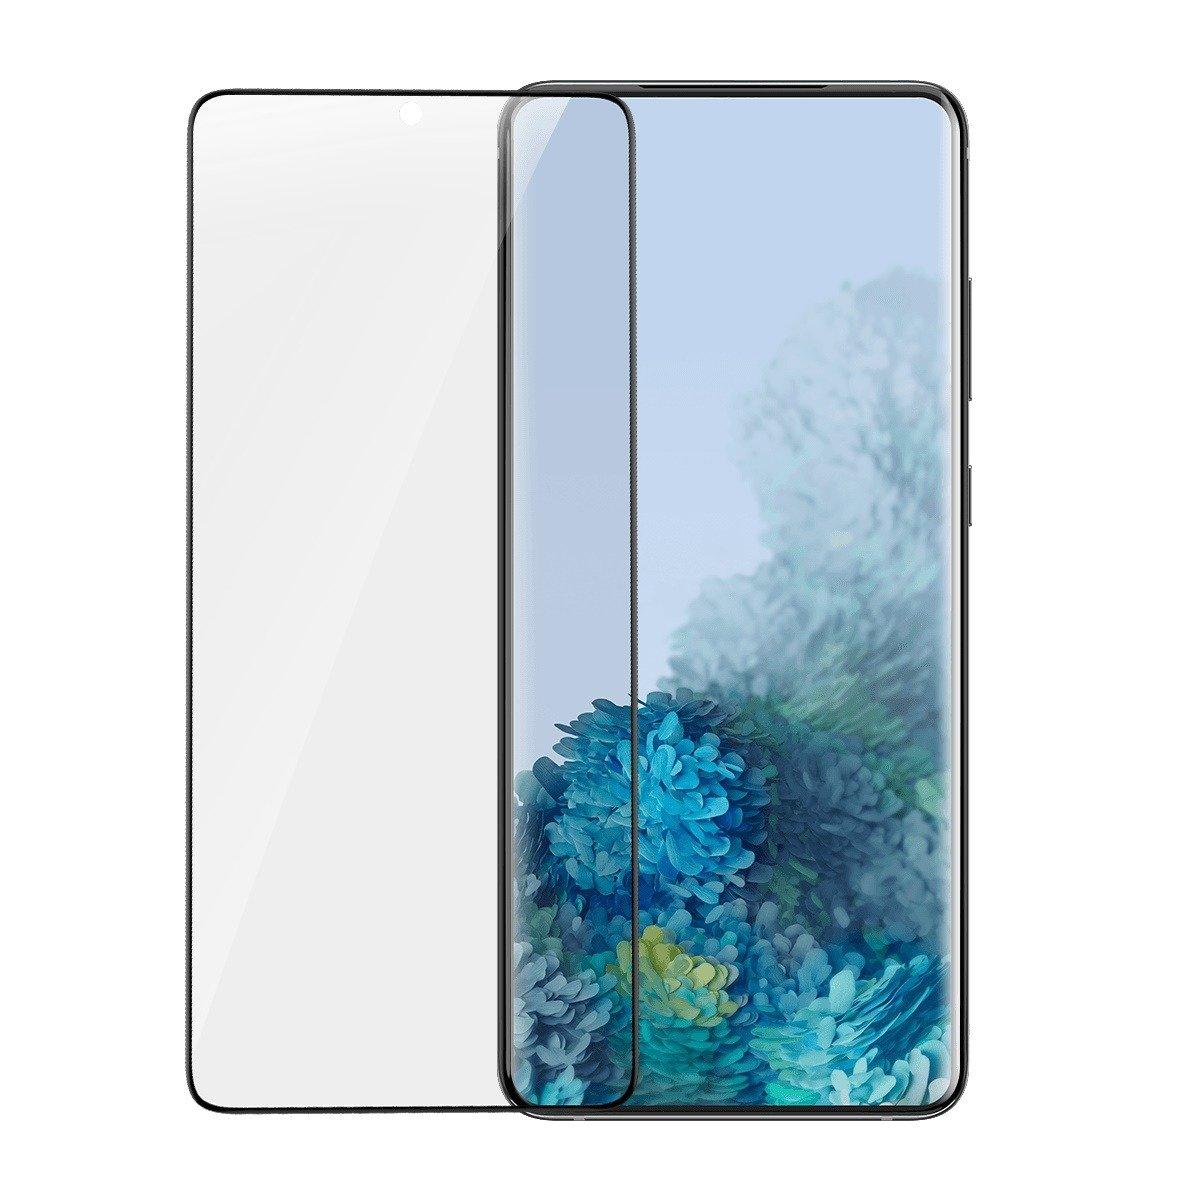 Pachet 2 folii de sticla pentru protectie ecran, Samsung Galaxy S20, Transparent, Grosime 0.15 mm imagine